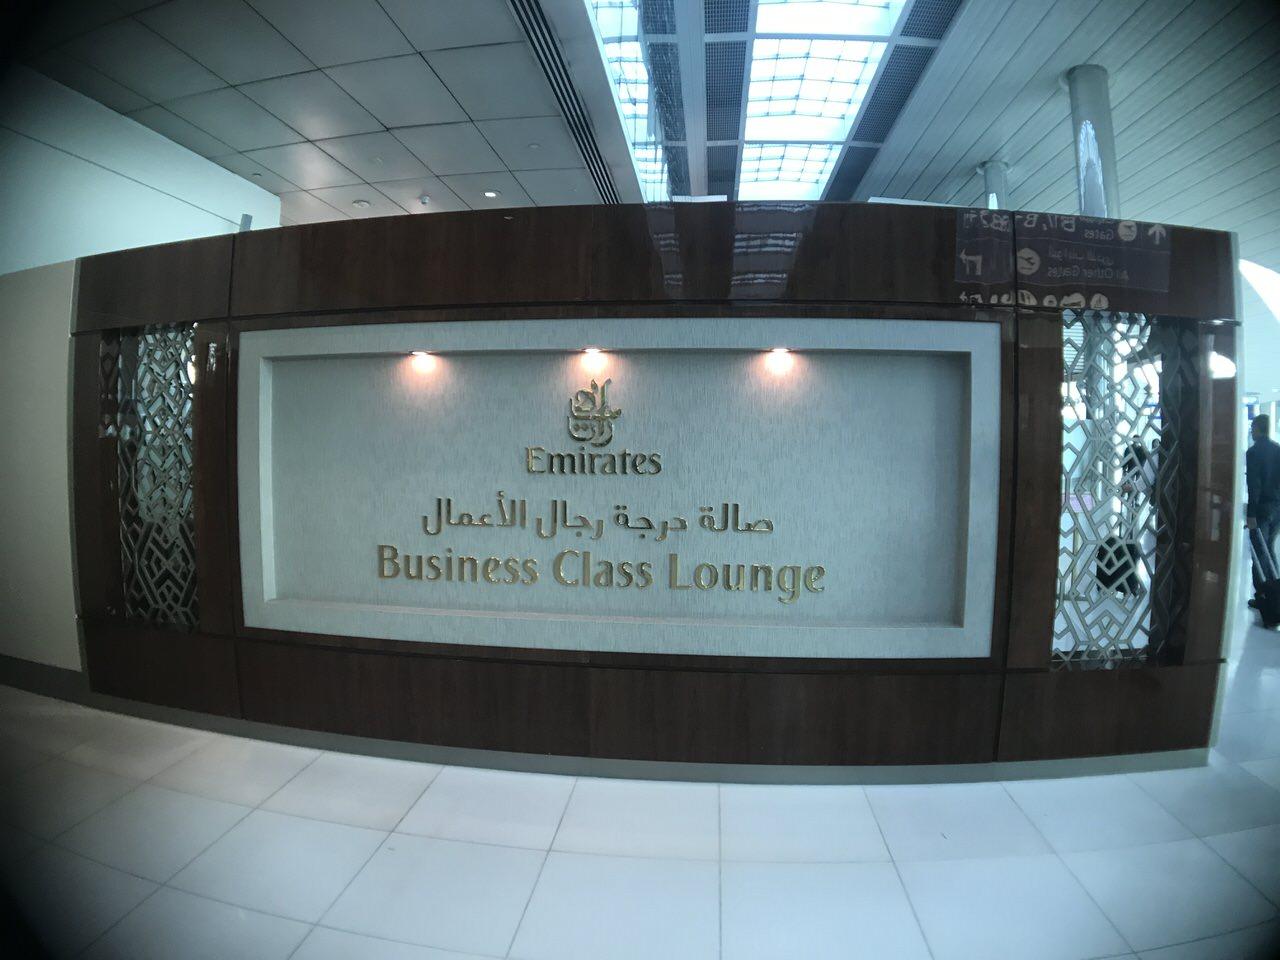 Emirates lounge 1135